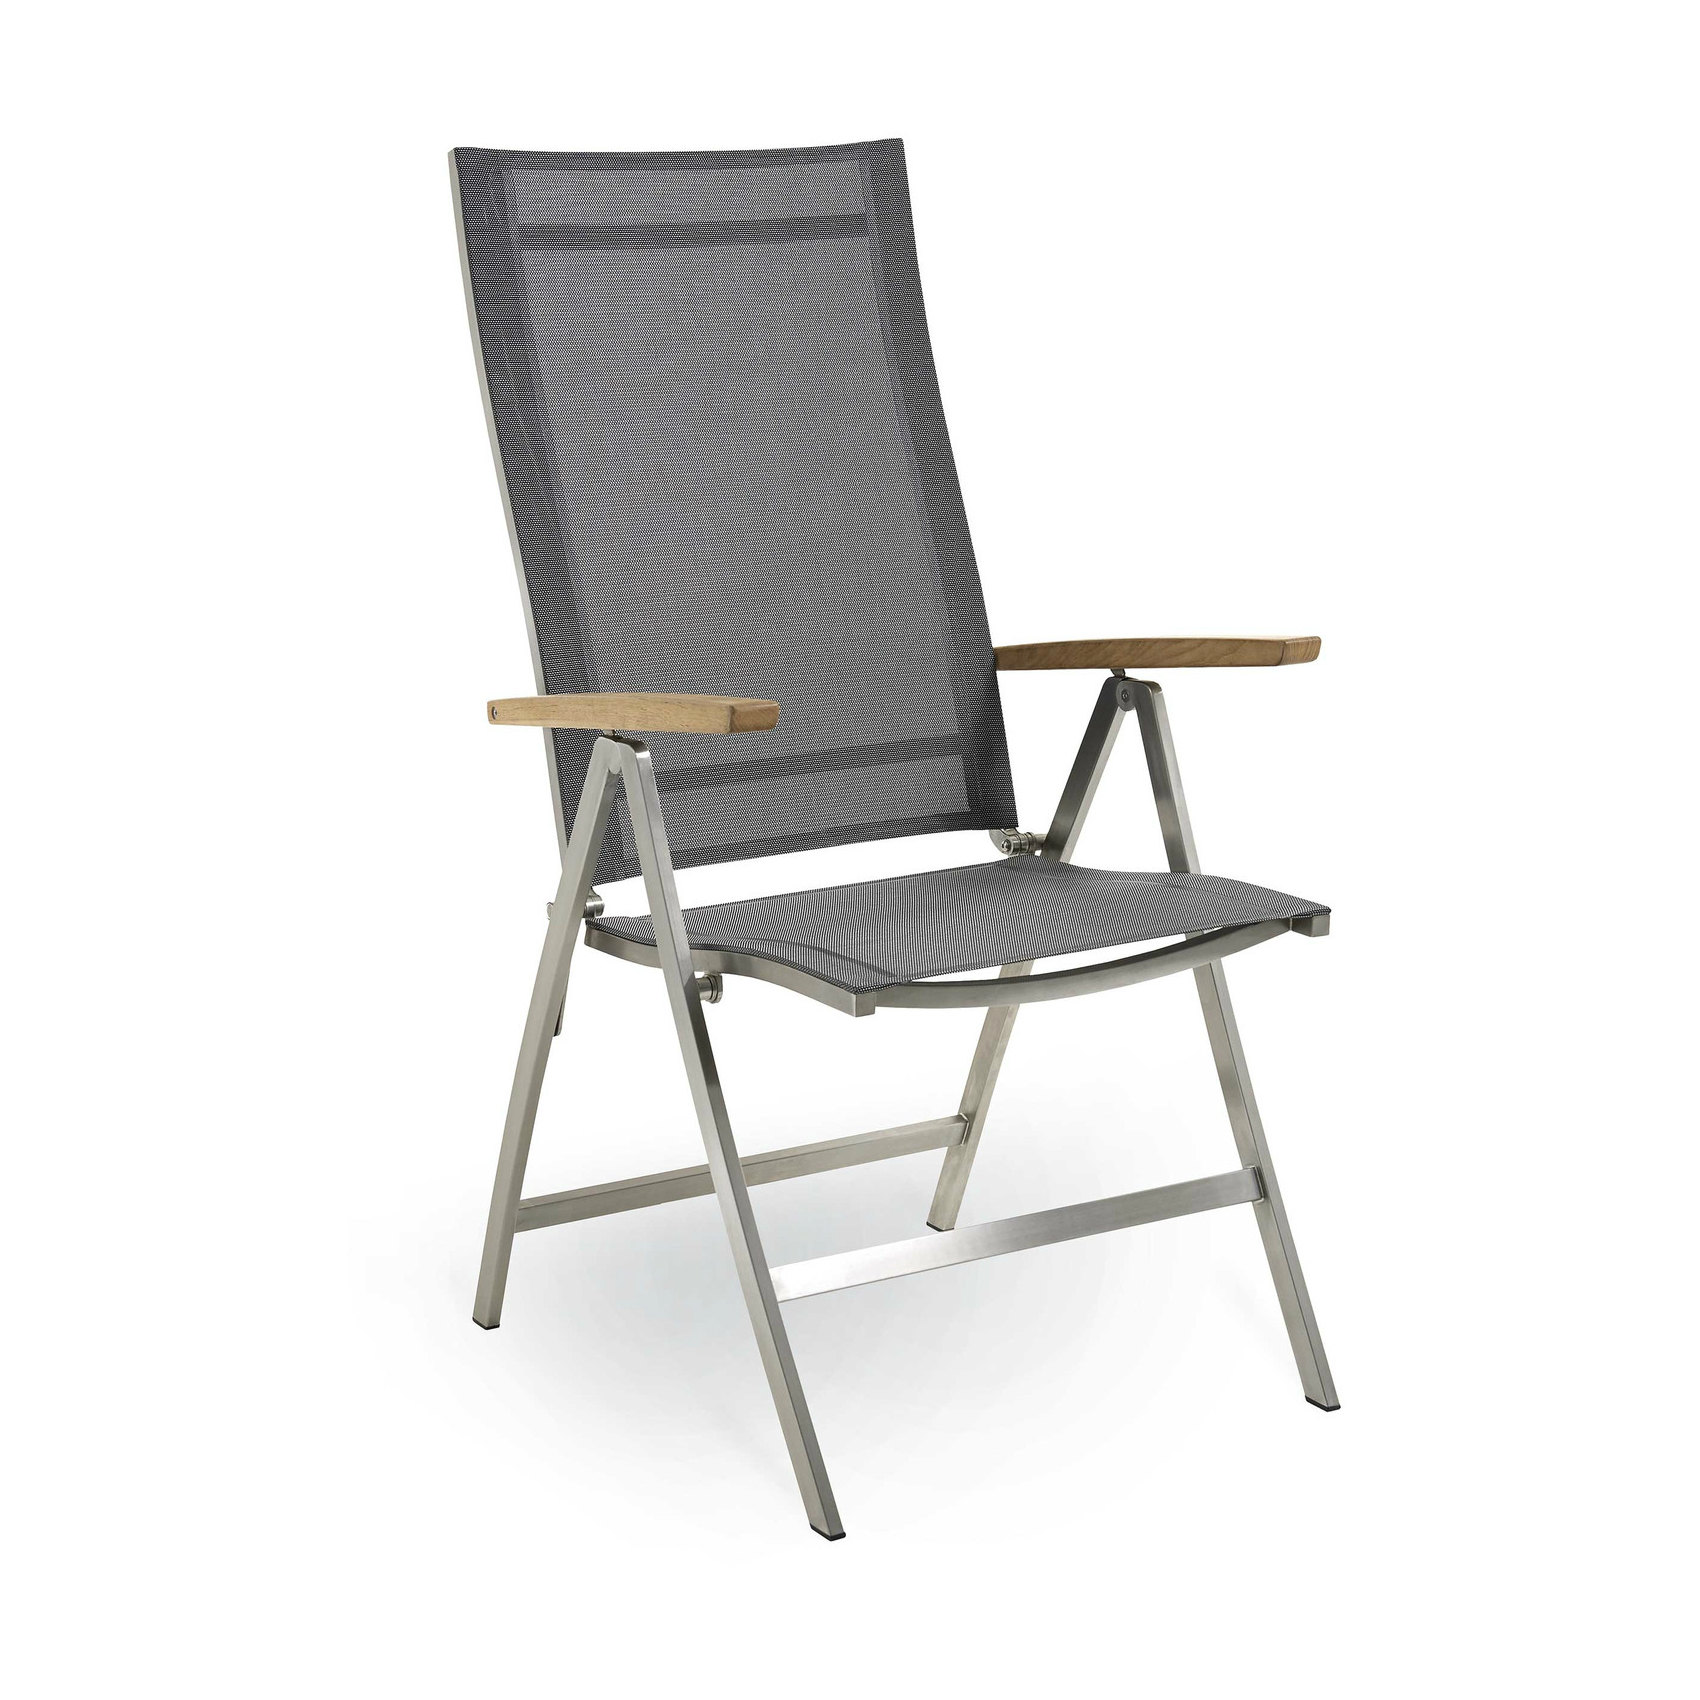 niehoff gartenstuhl milford hochlehner. Black Bedroom Furniture Sets. Home Design Ideas